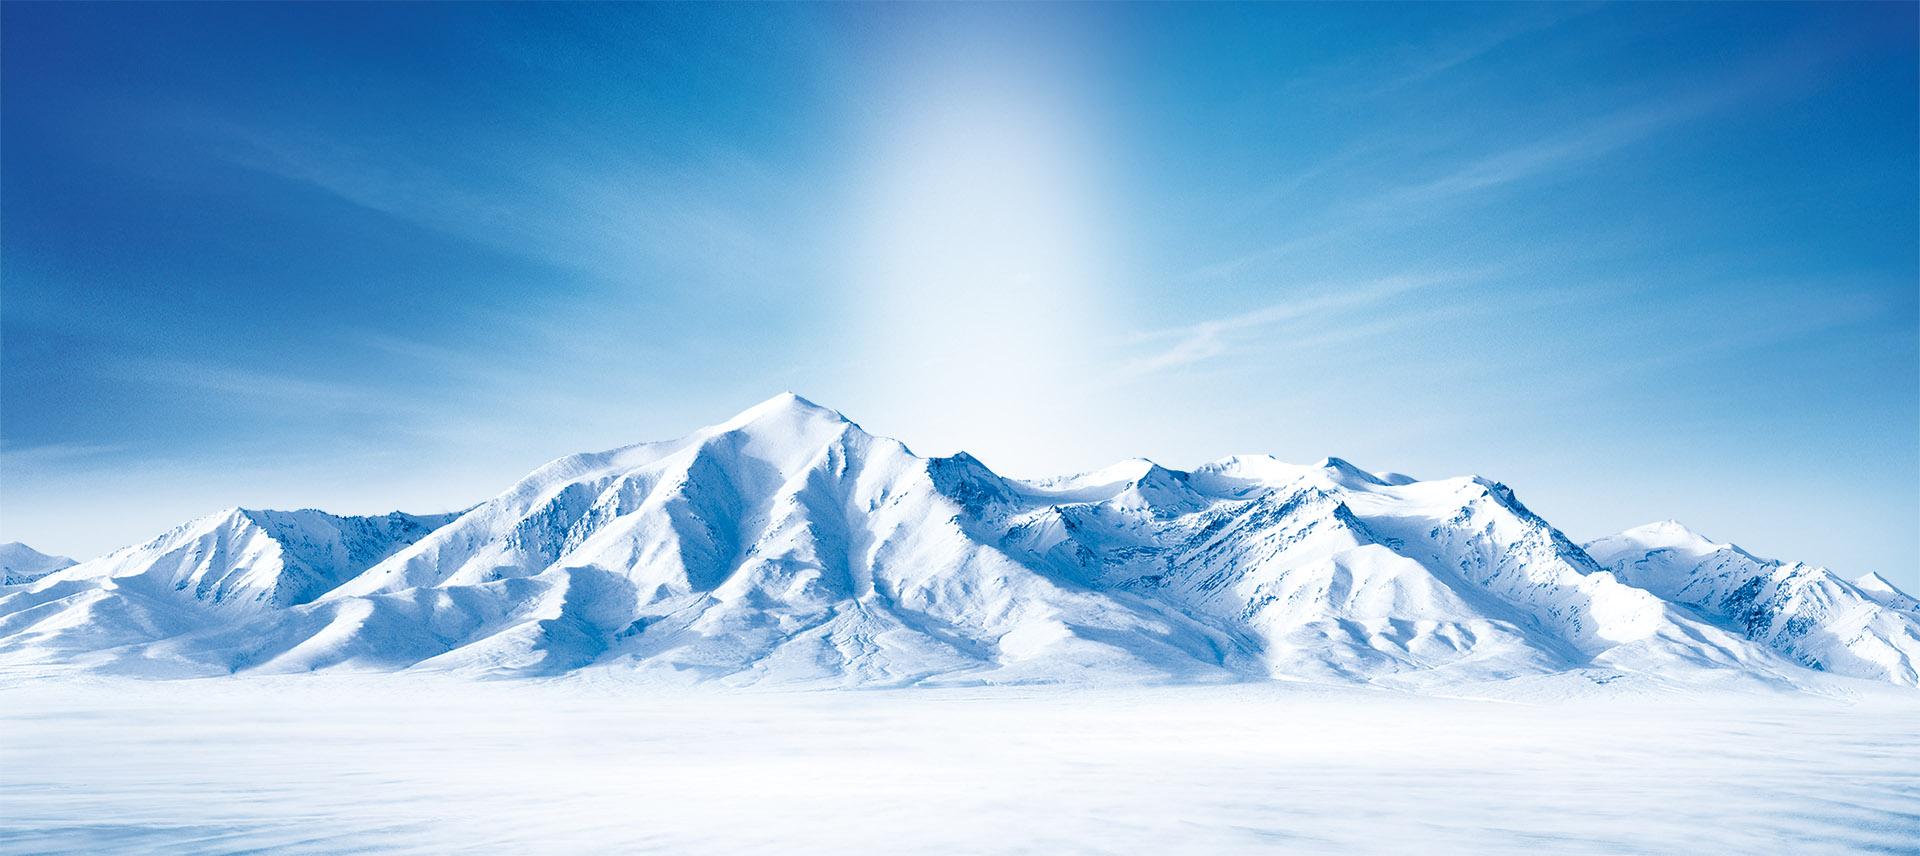 blue snow mountain  blue  snow  mountain background image